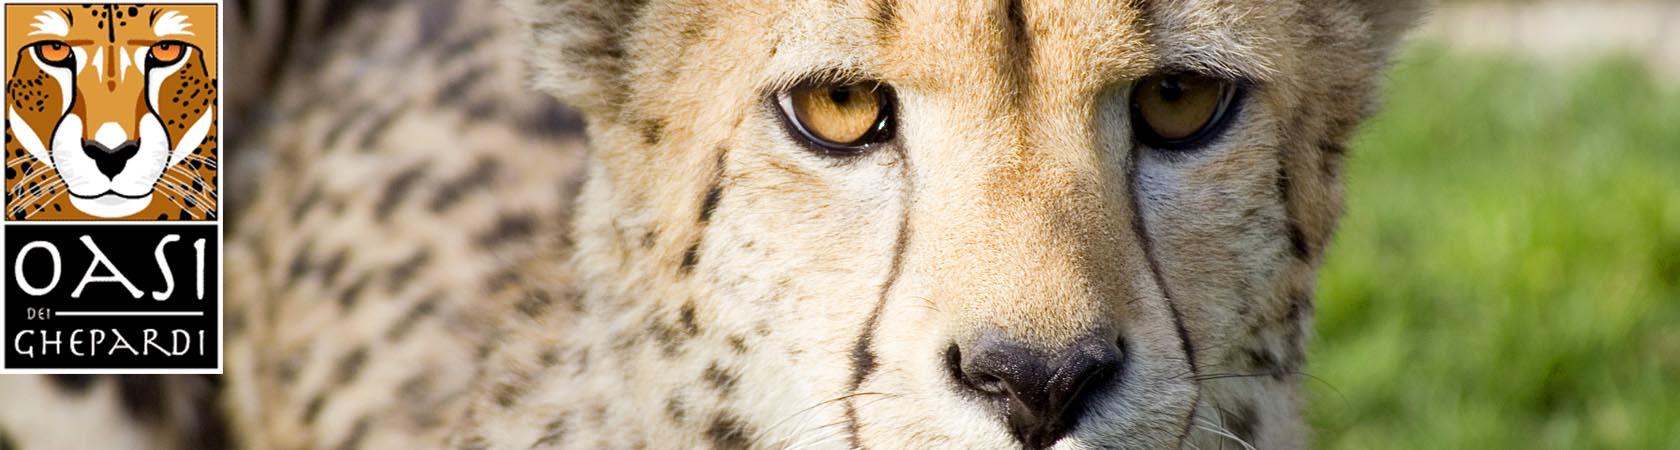 oasi-dei-ghepardi-parco-faunistico-le-cornelle05